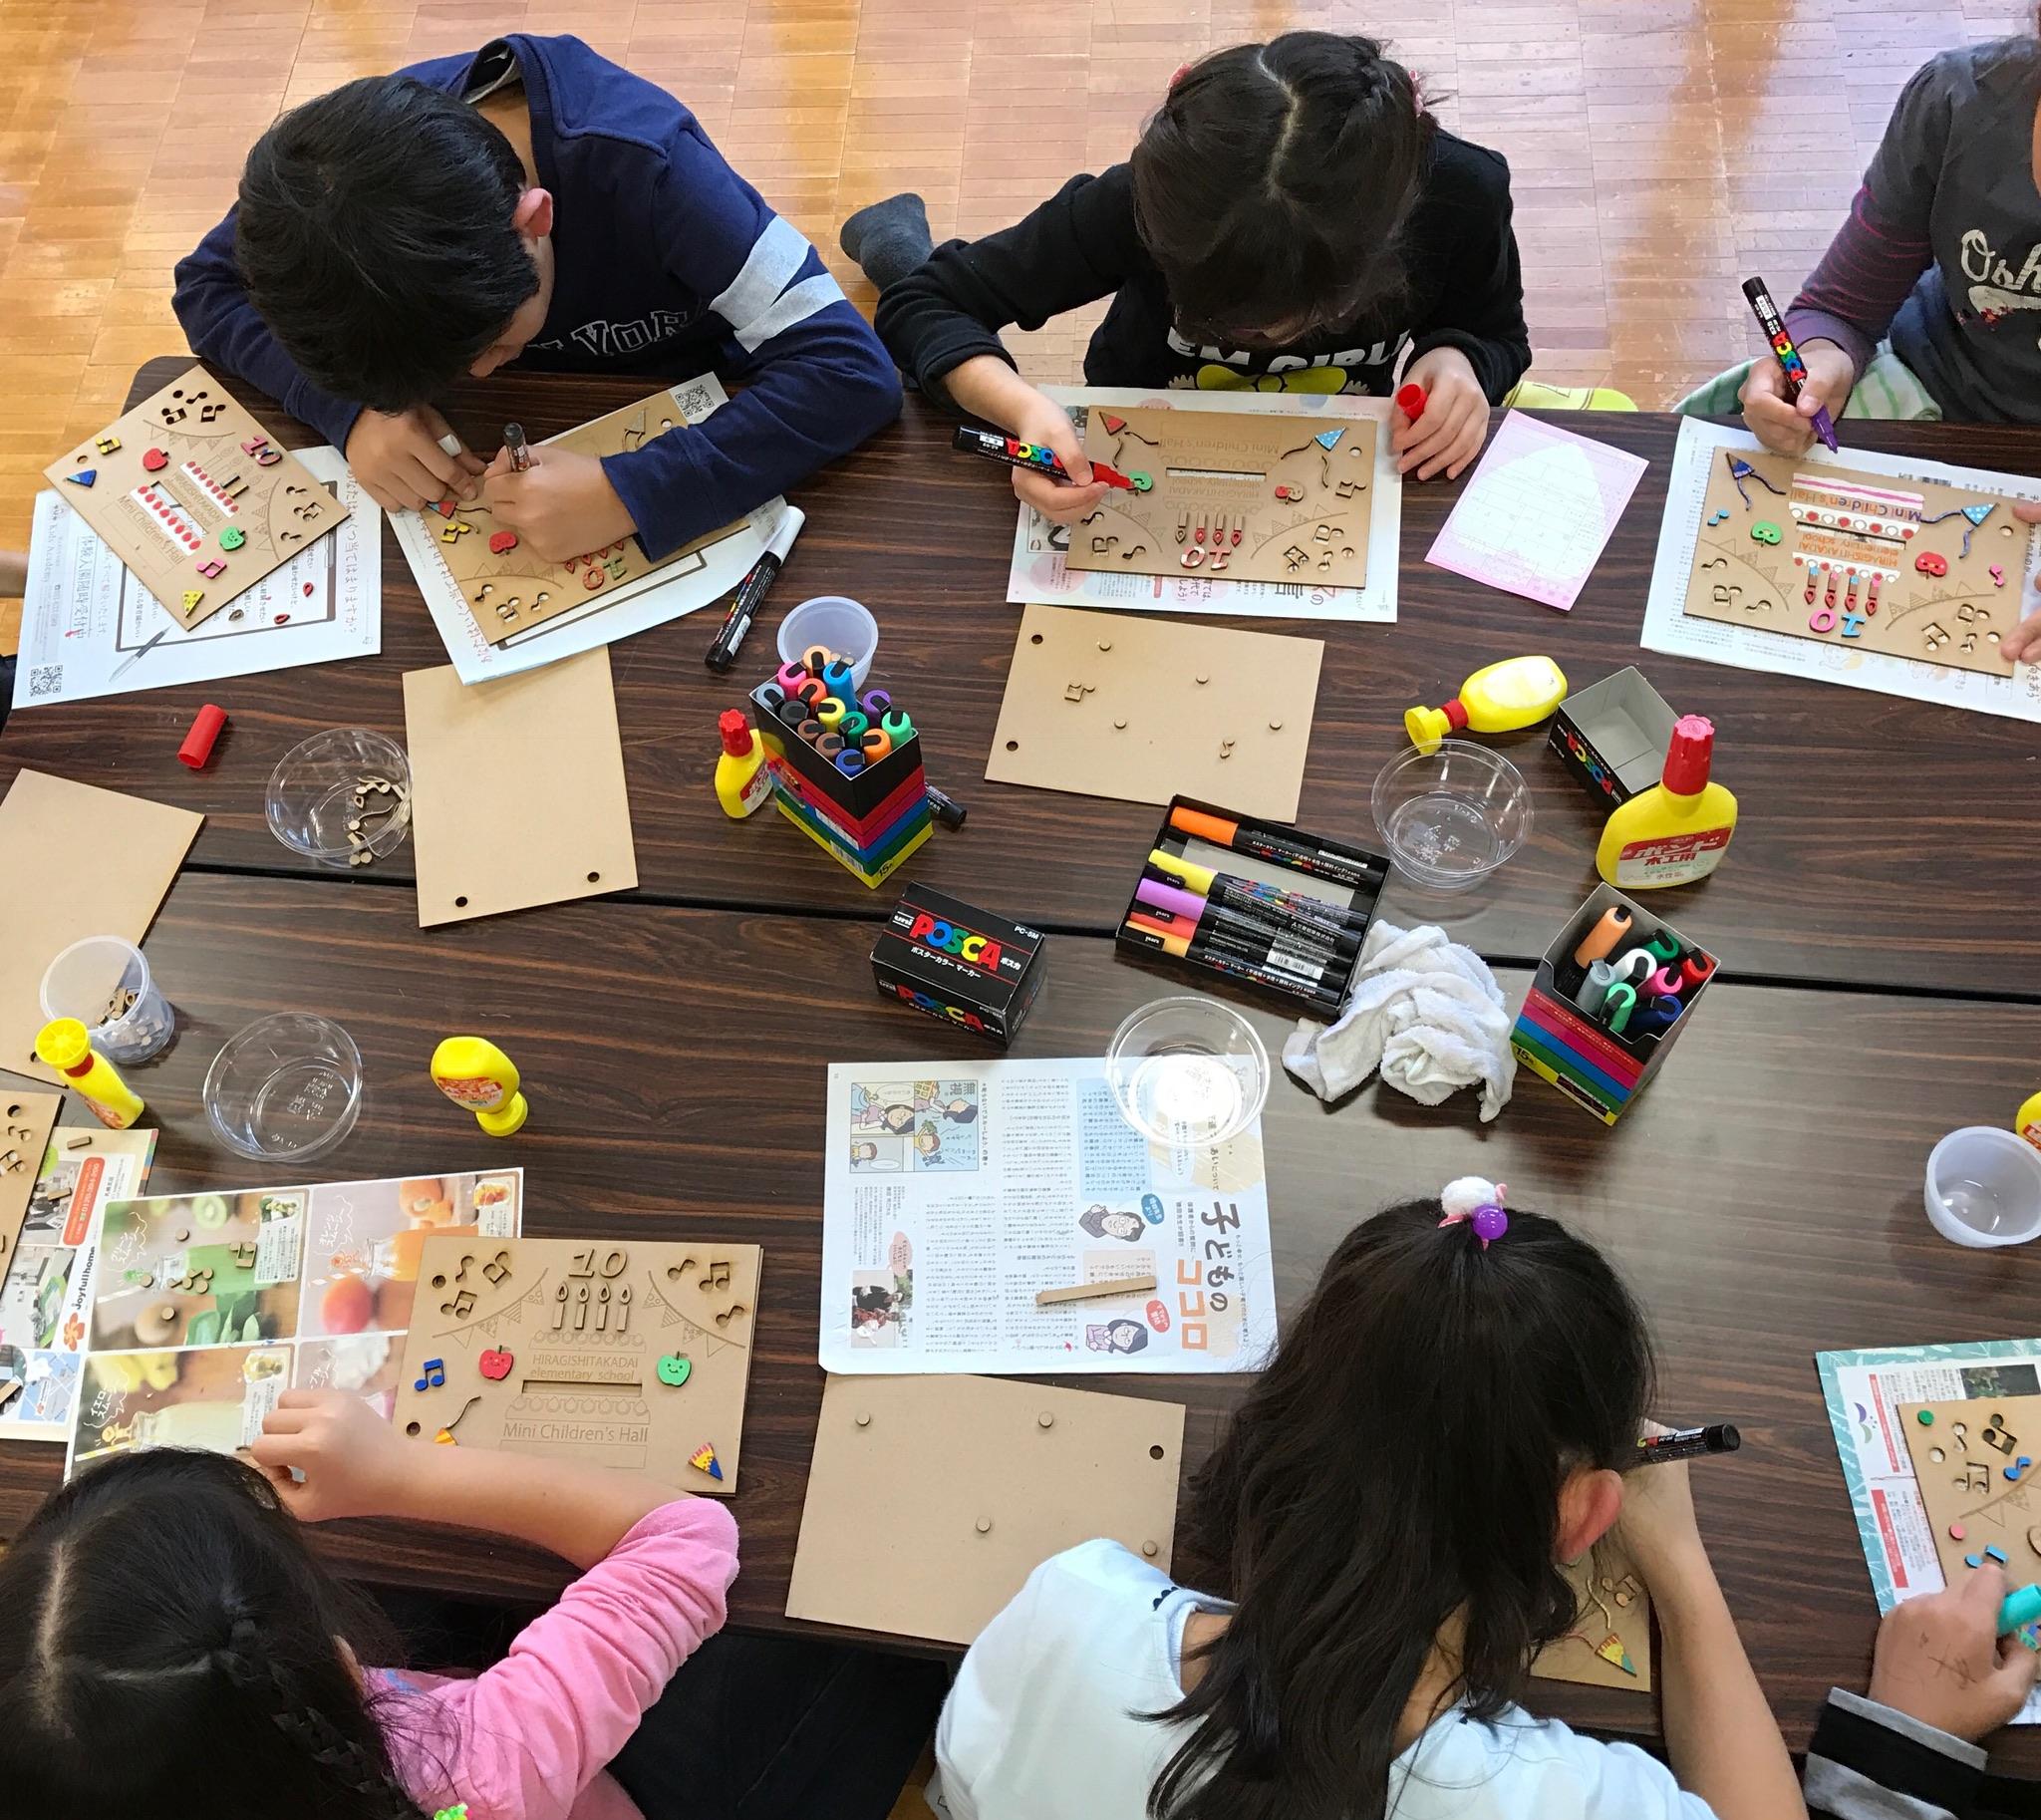 「今シーズンの児童会館の工作教室スタートしました!」のアイキャッチ画像